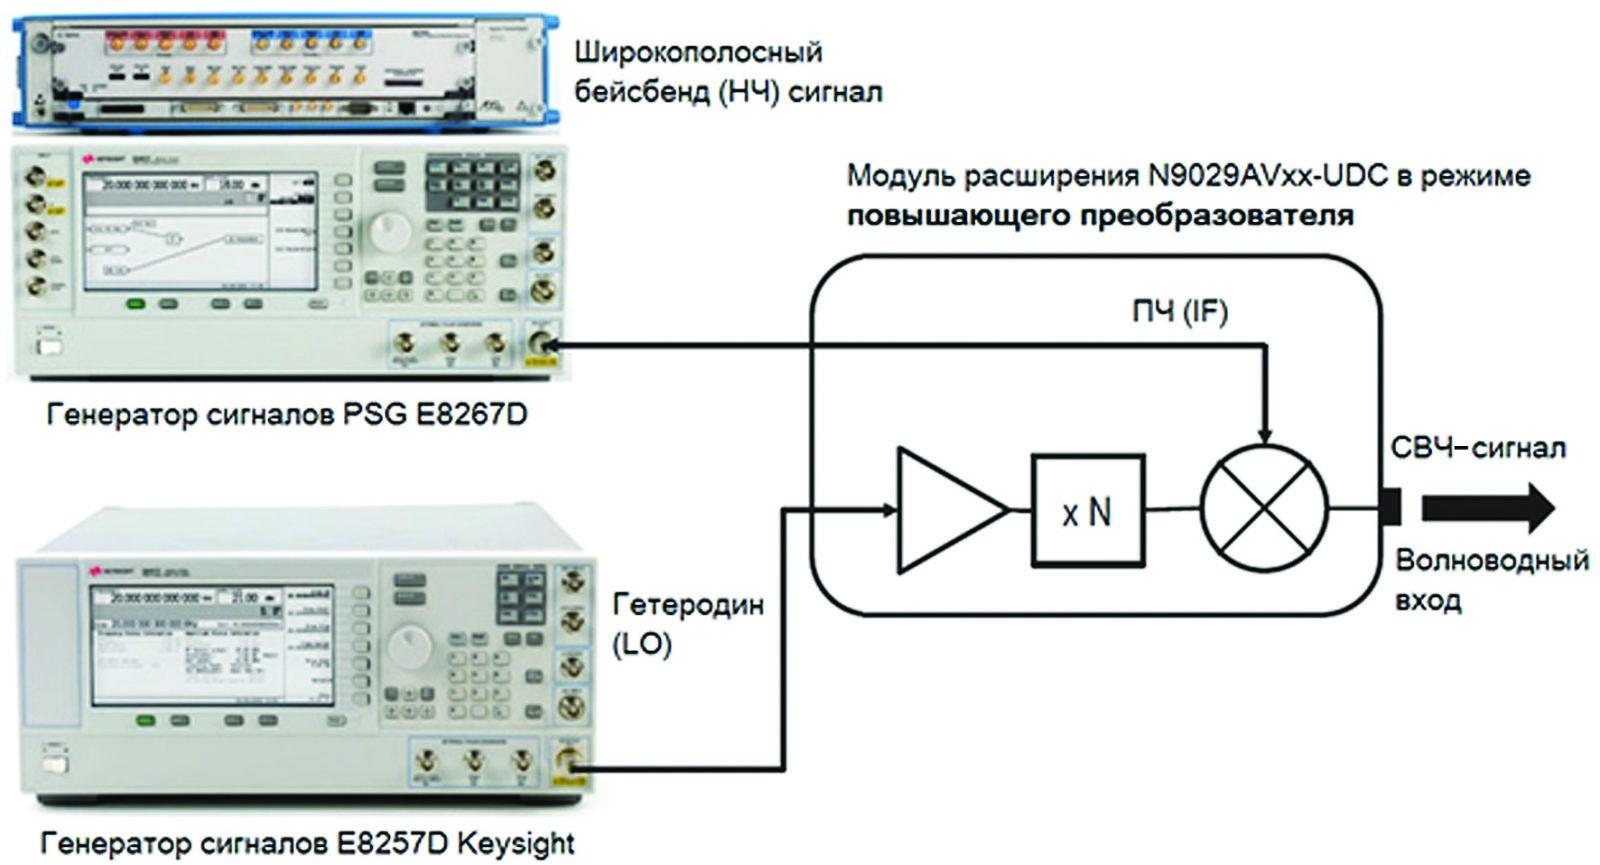 Структура системы с преобразованием вверх по частоте